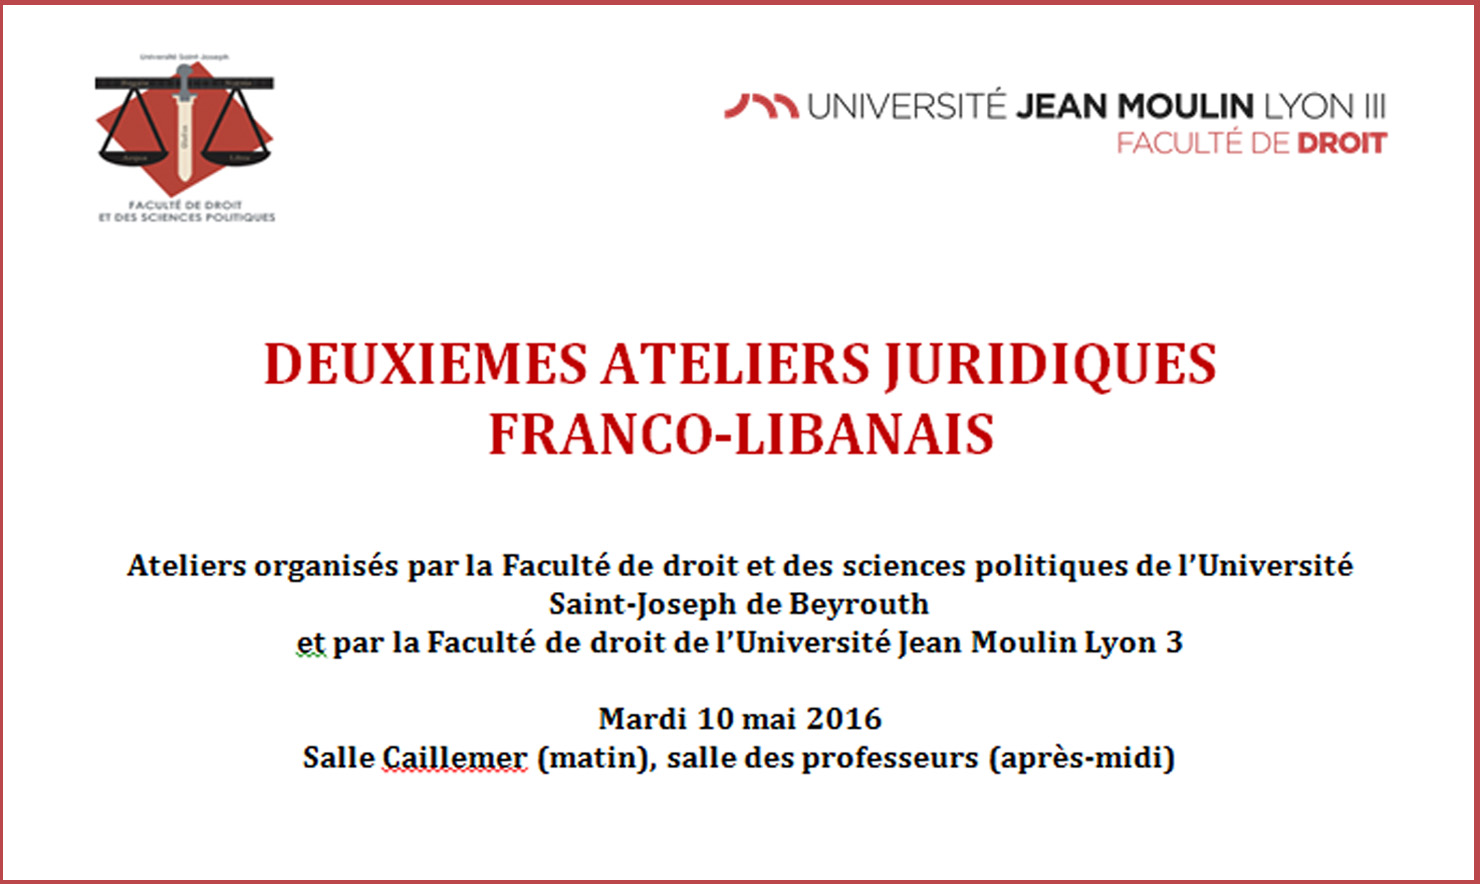 Ateliers francolibanais 2016